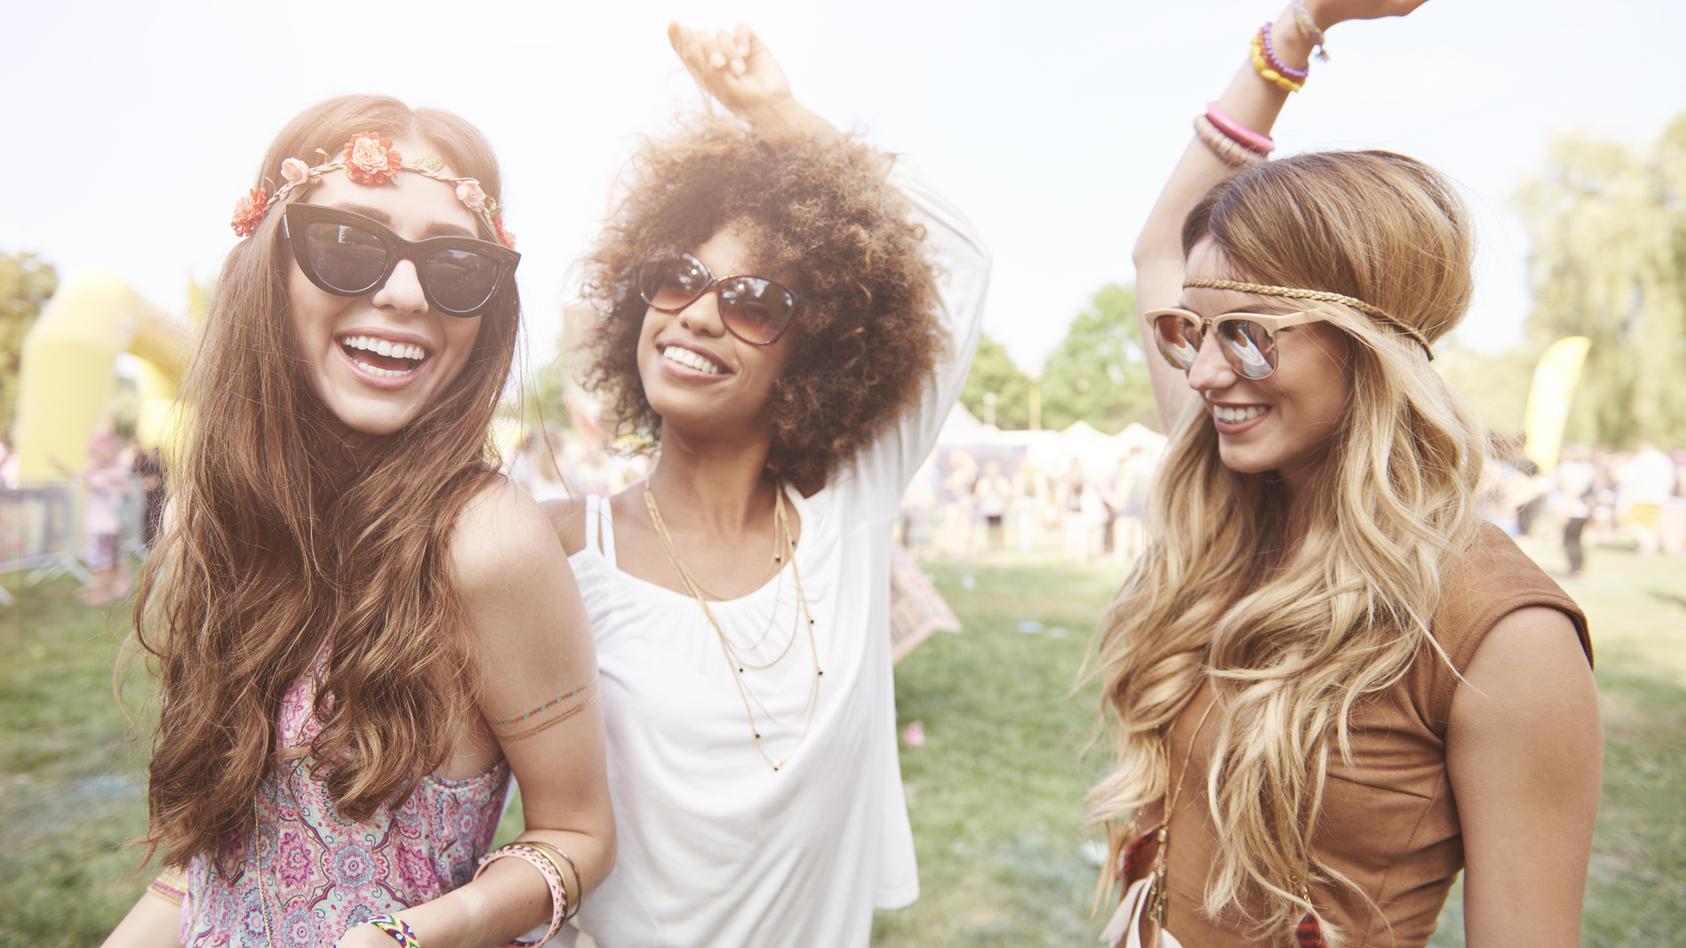 Festival statt Fashion-Show. Wer wissen will, was im Sommer Trend wird, schaut sich einfach die Bilder vom Coachella-Festival an. Nirgendwo sonst tummeln sich so viele Influencer rum, wie hier. Was sie tragen, hängt im Sommer in unseren Kleiderschränken.